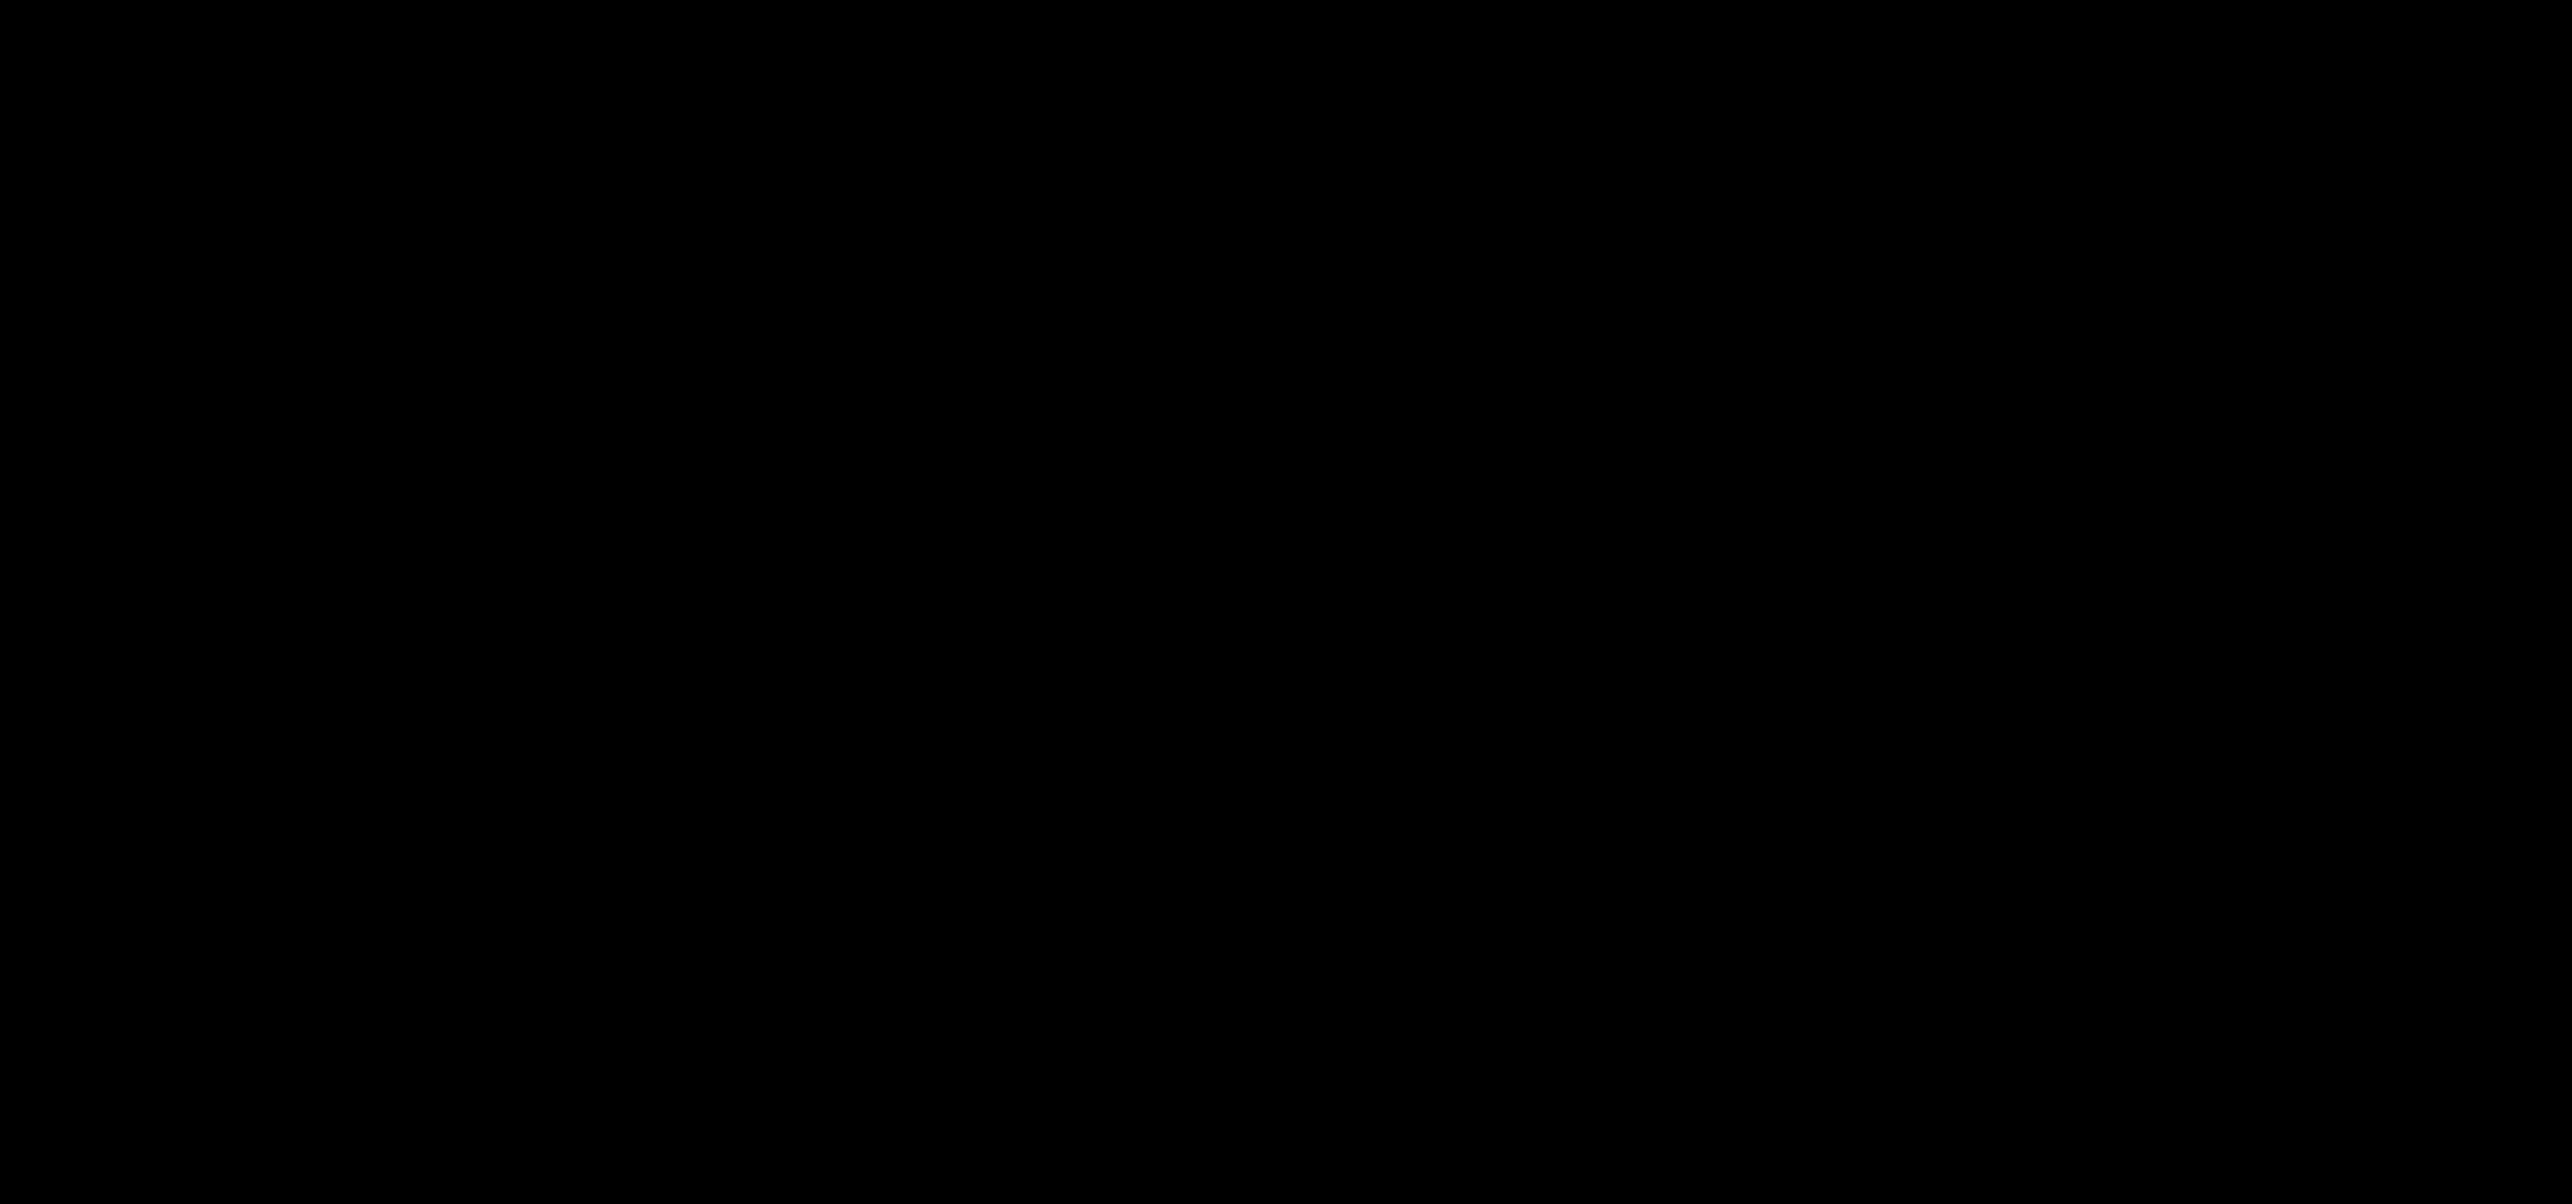 3-Dansyl lithocholic acid-d<sub>5</sub>